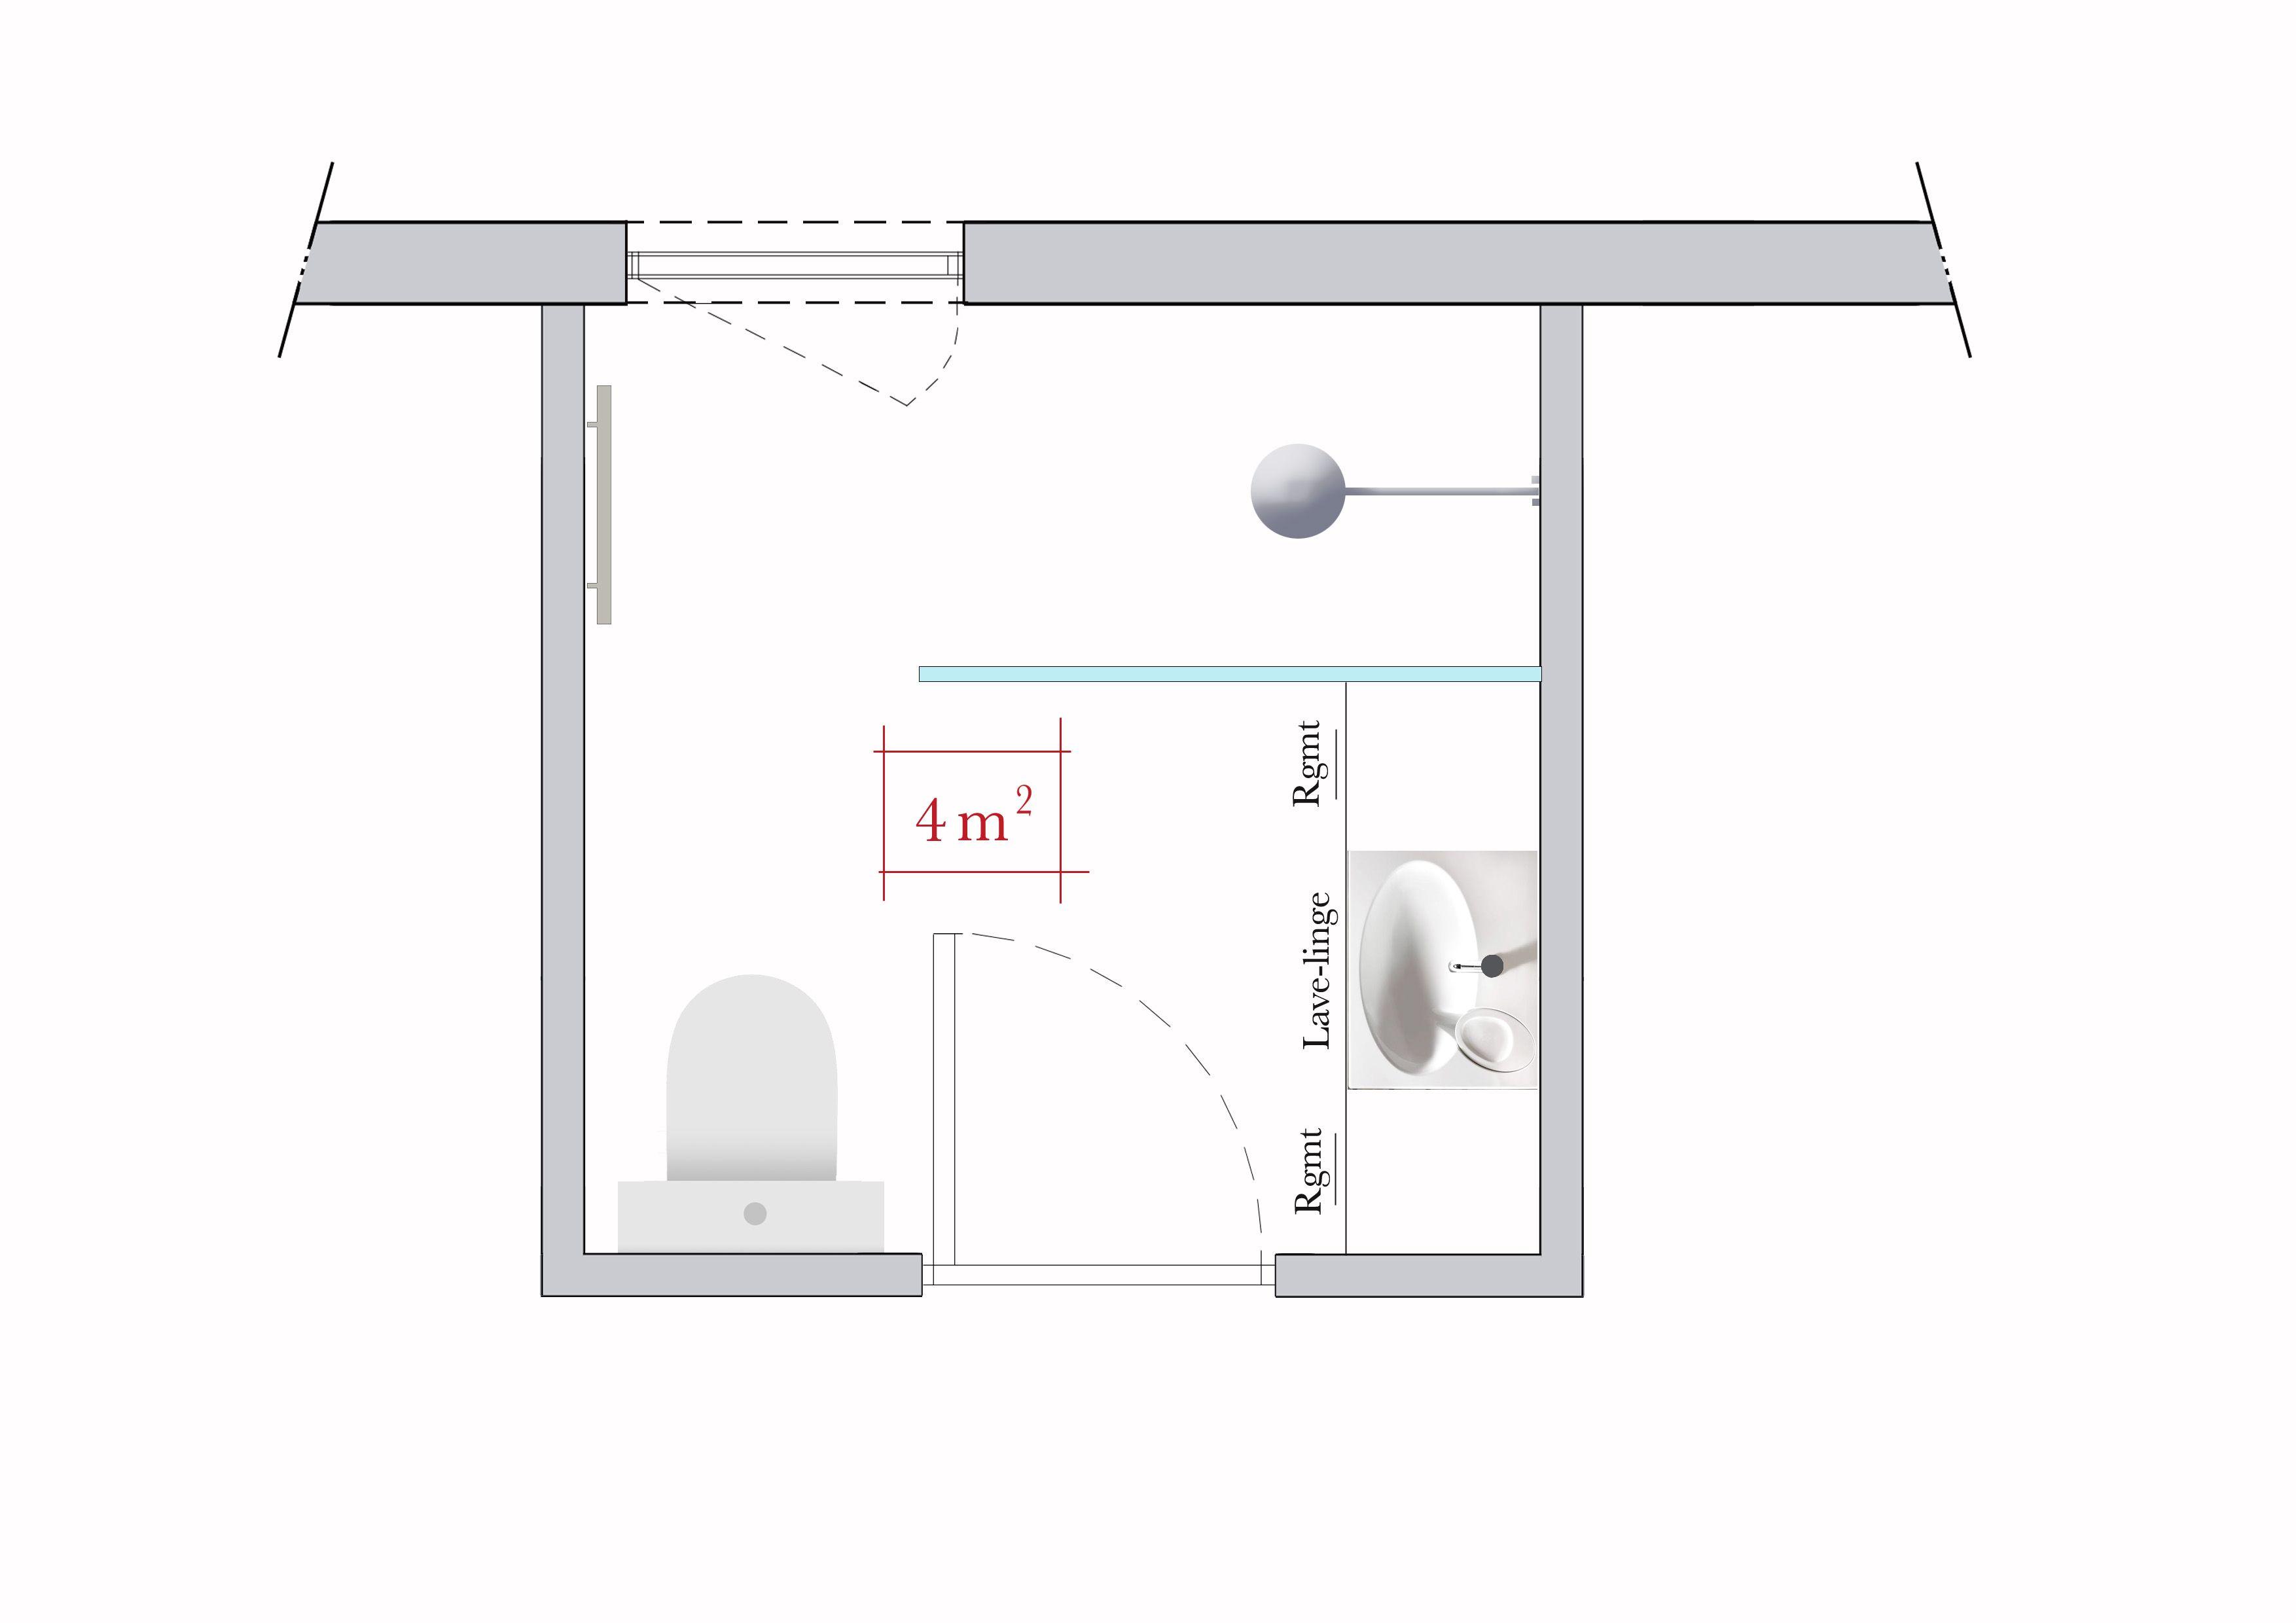 Conseils D Architecte 4 Plans De Salle De Bains Carree Bader Ideen Bad Wc 2018